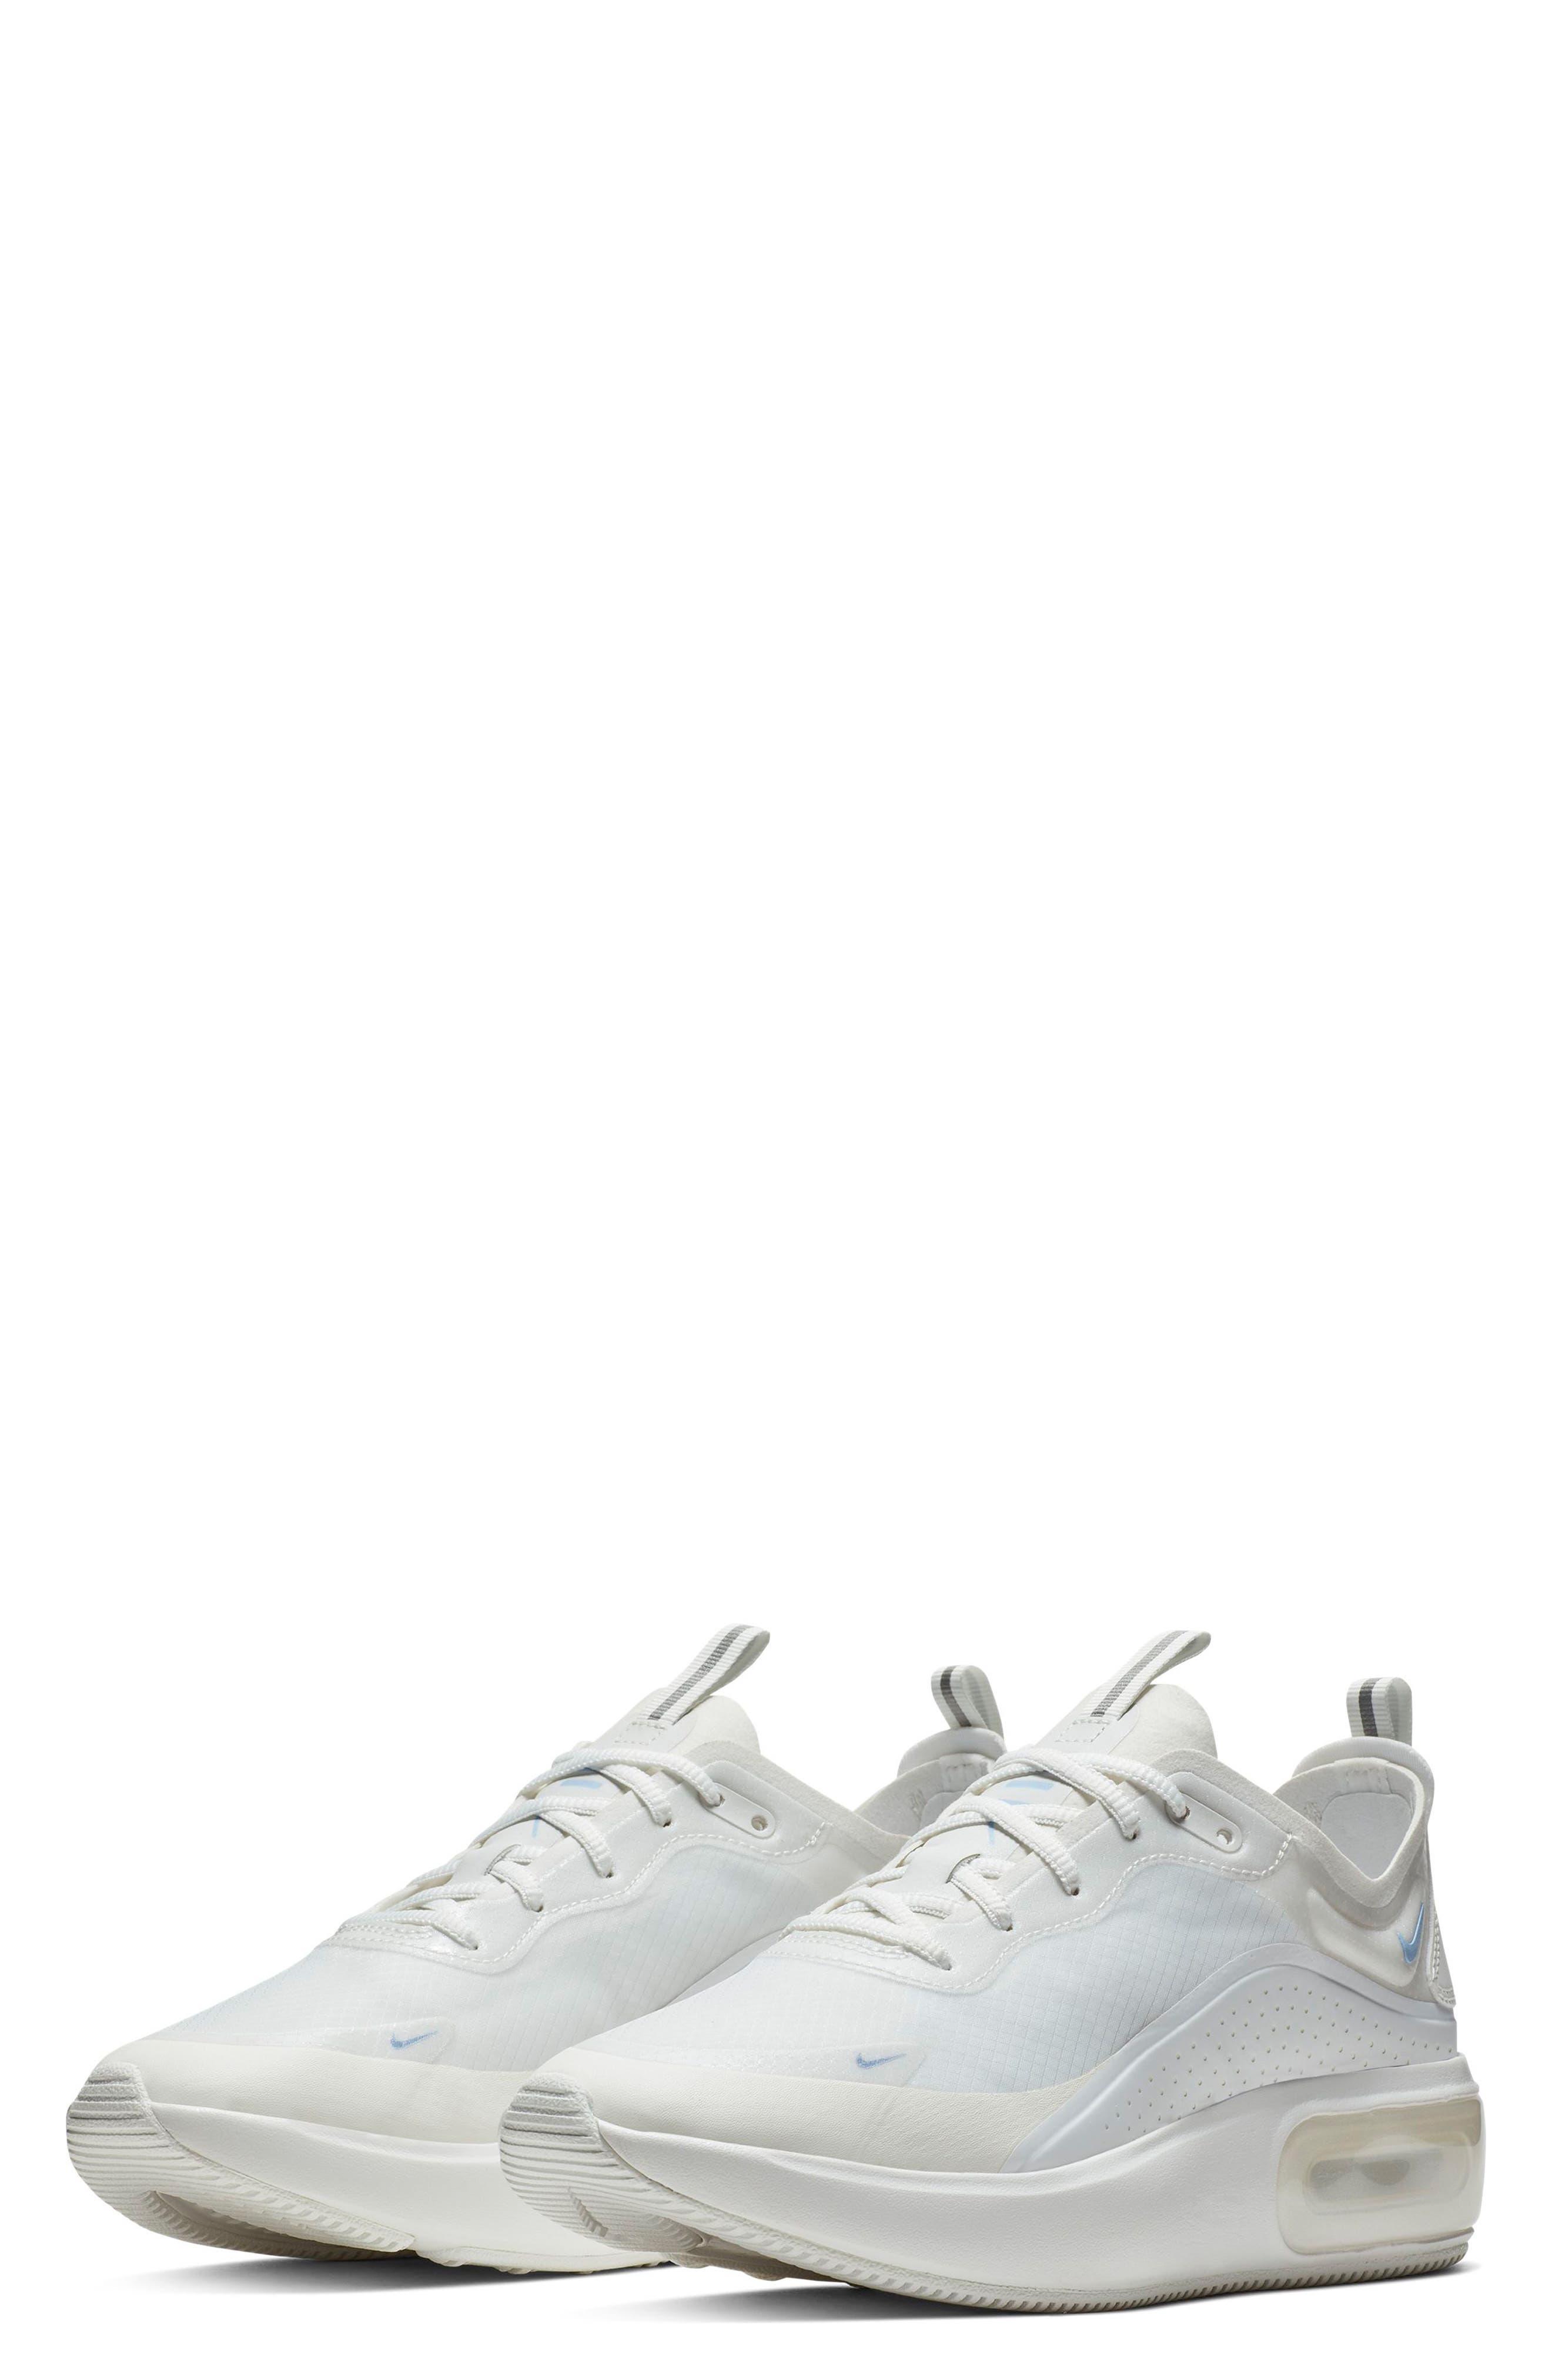 NIKE, Air Max DIA SE Running Shoe, Main thumbnail 1, color, WHITE/ ALUMINUM/ WHITE